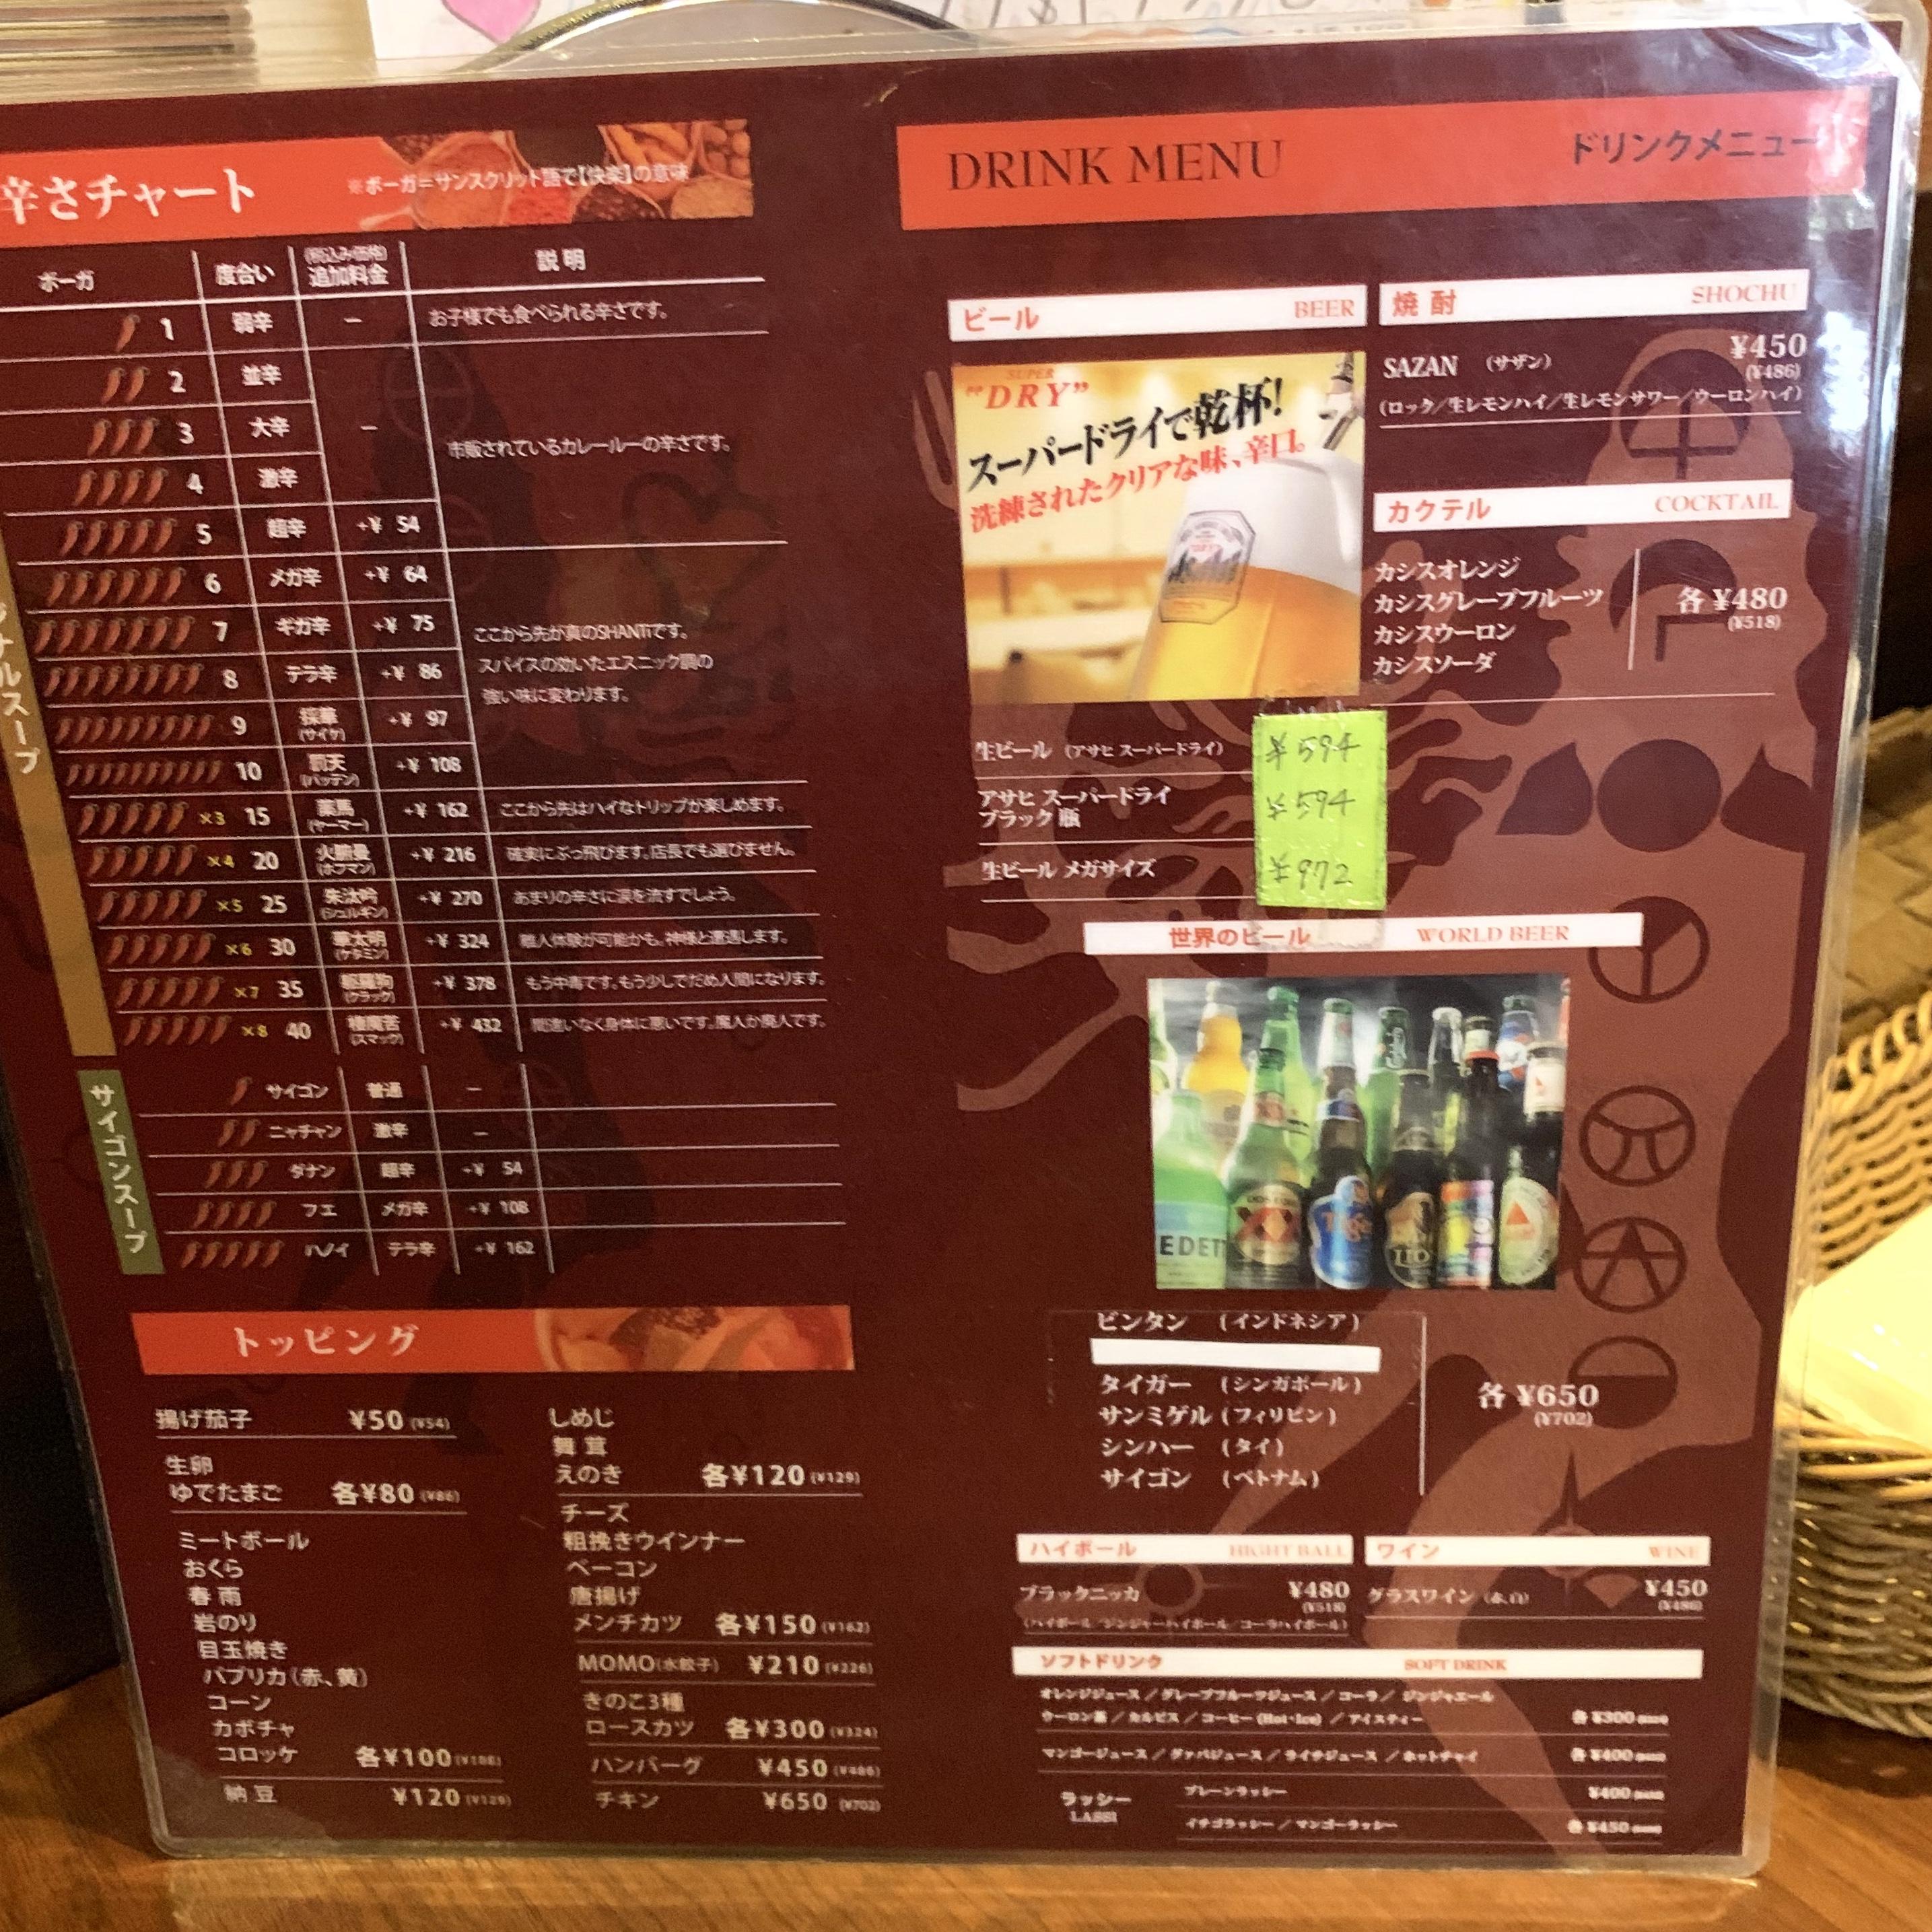 シャンティ(SHANTi)渋谷店のメニュー裏